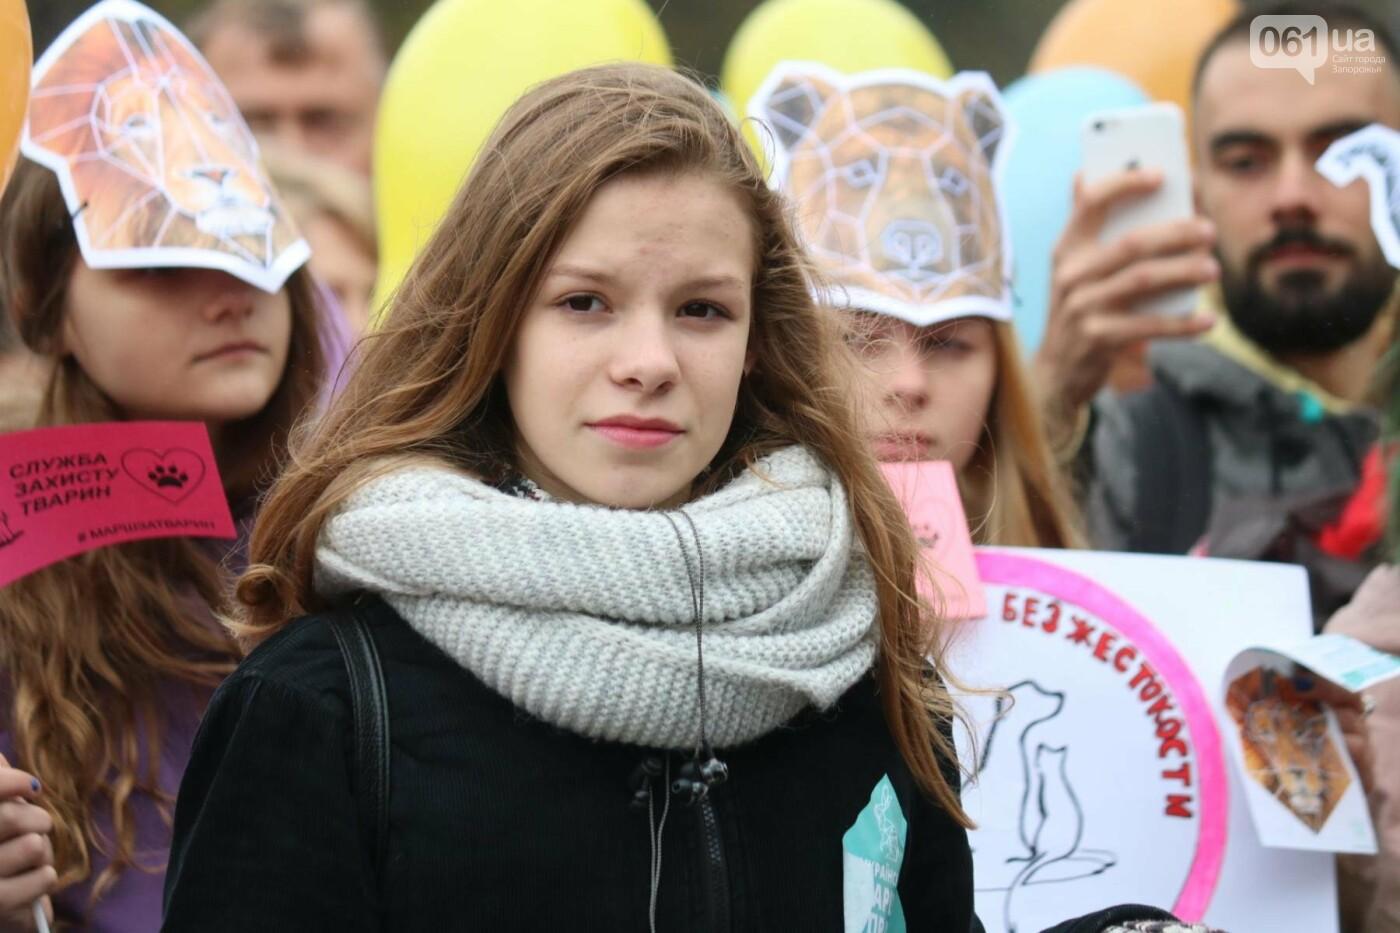 В Запорожье прошел марш за права животных, - ФОТОРЕПОРТАЖ, фото-11